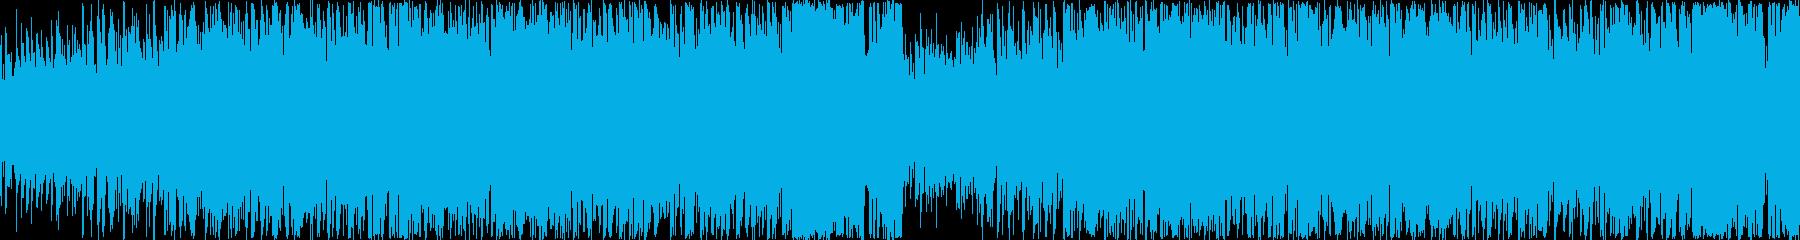 中華的な雰囲気のあるエレクトロ曲の再生済みの波形